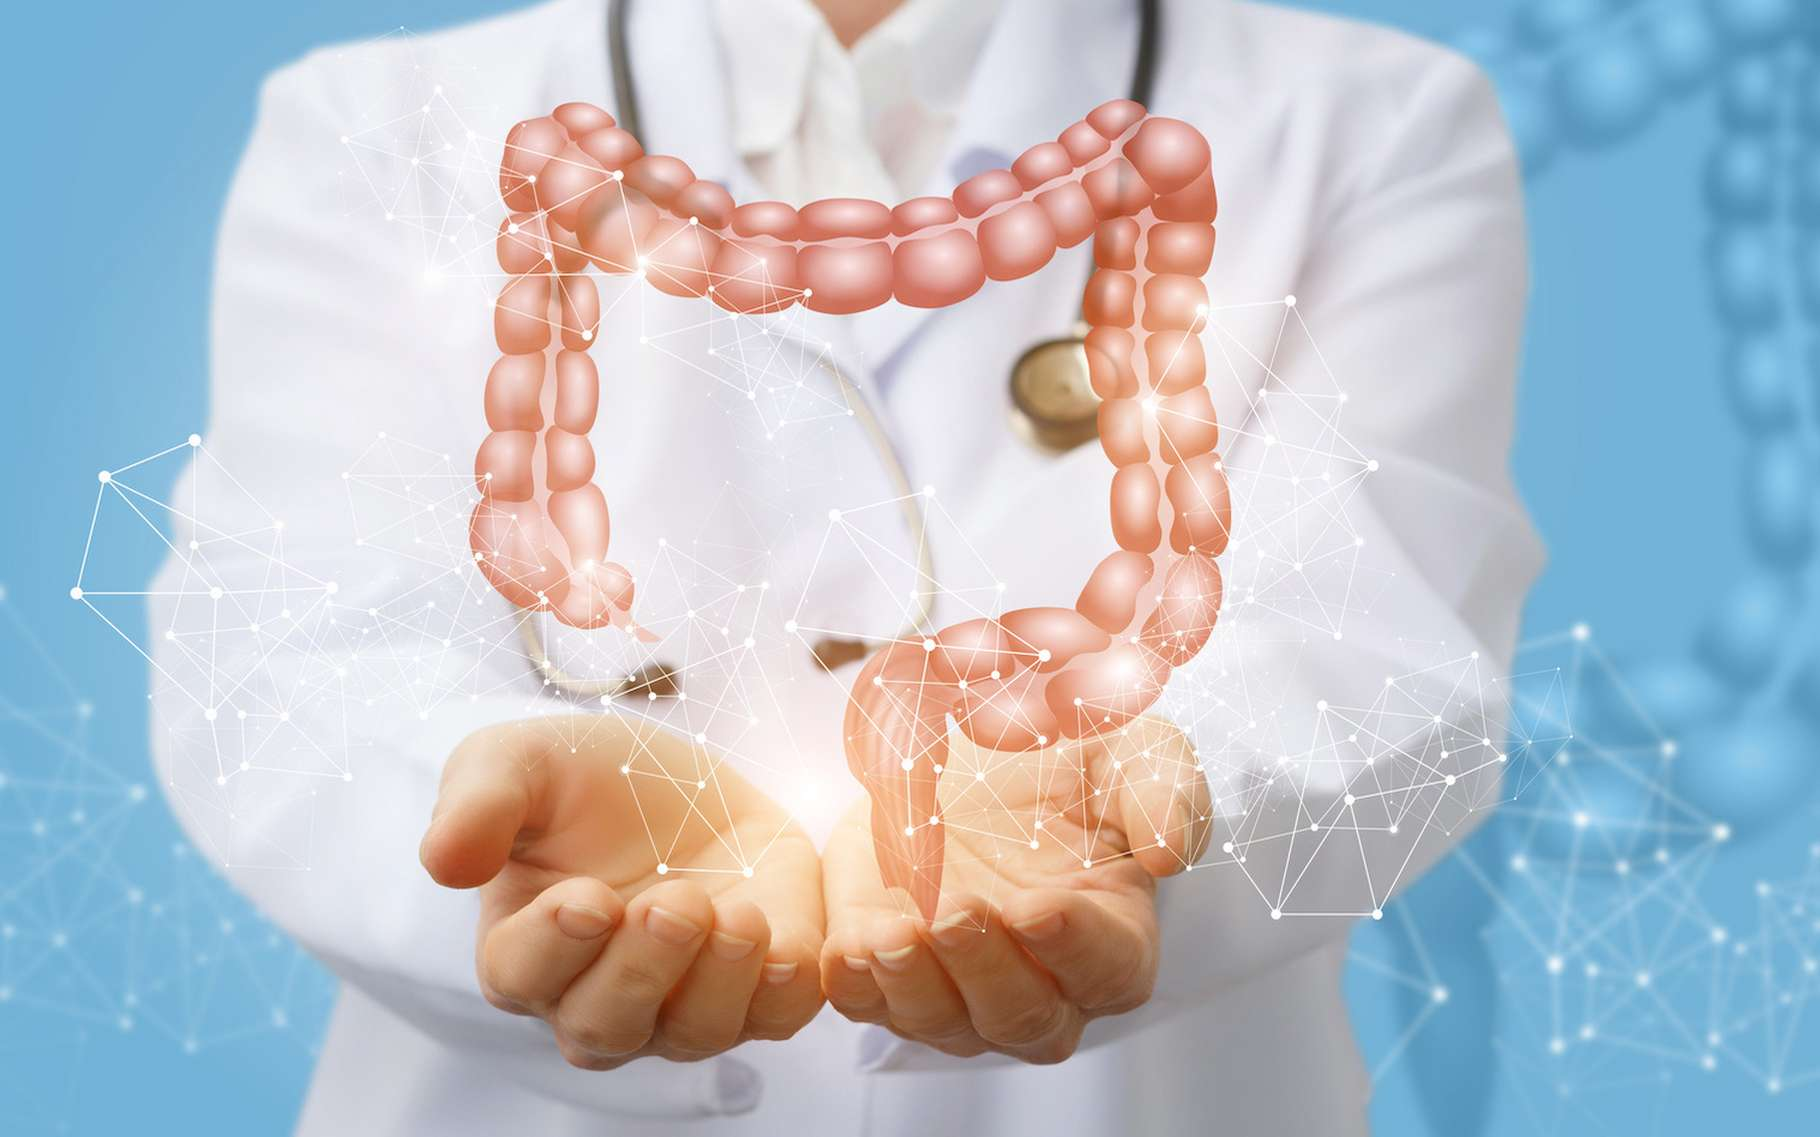 C'est au cœur de l'intestin que des chercheurs français ont découvert une différence physiologique entre hommes et femmes. Une différence qui explique la susceptibilité accrue des hommes à une nourriture riche en sucre. © natali_mis